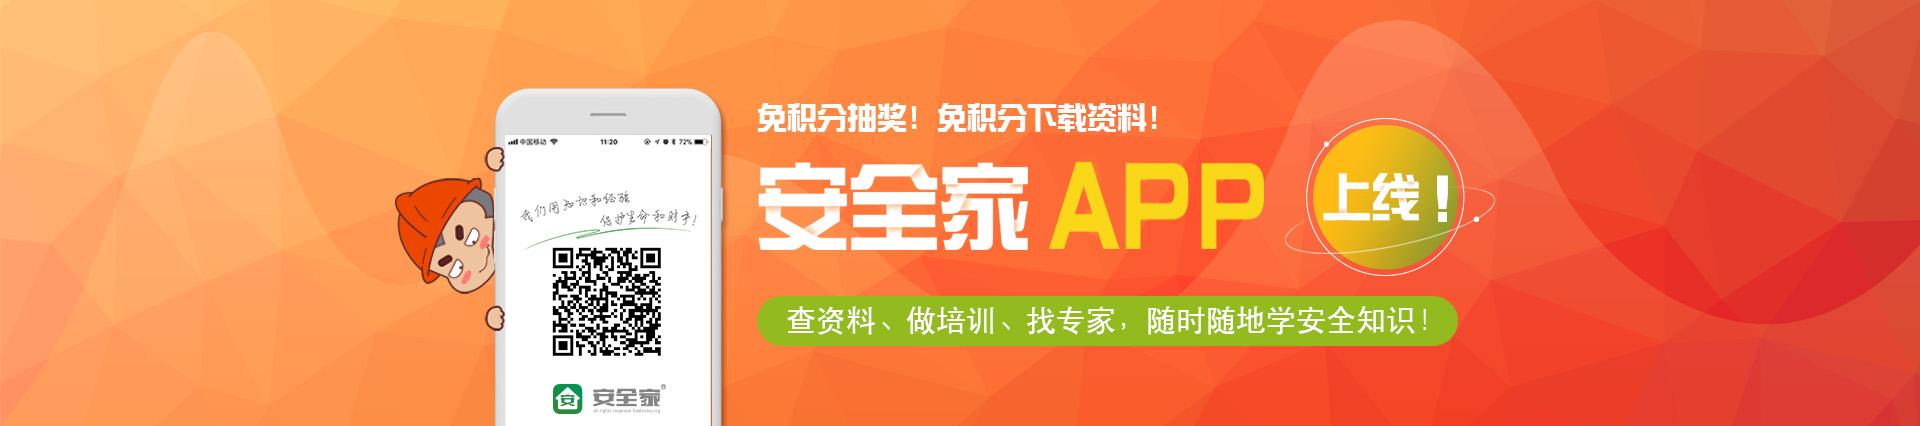 安全家APP安卓版上线!安全家APP免积分抽奖,免积分下载资料!